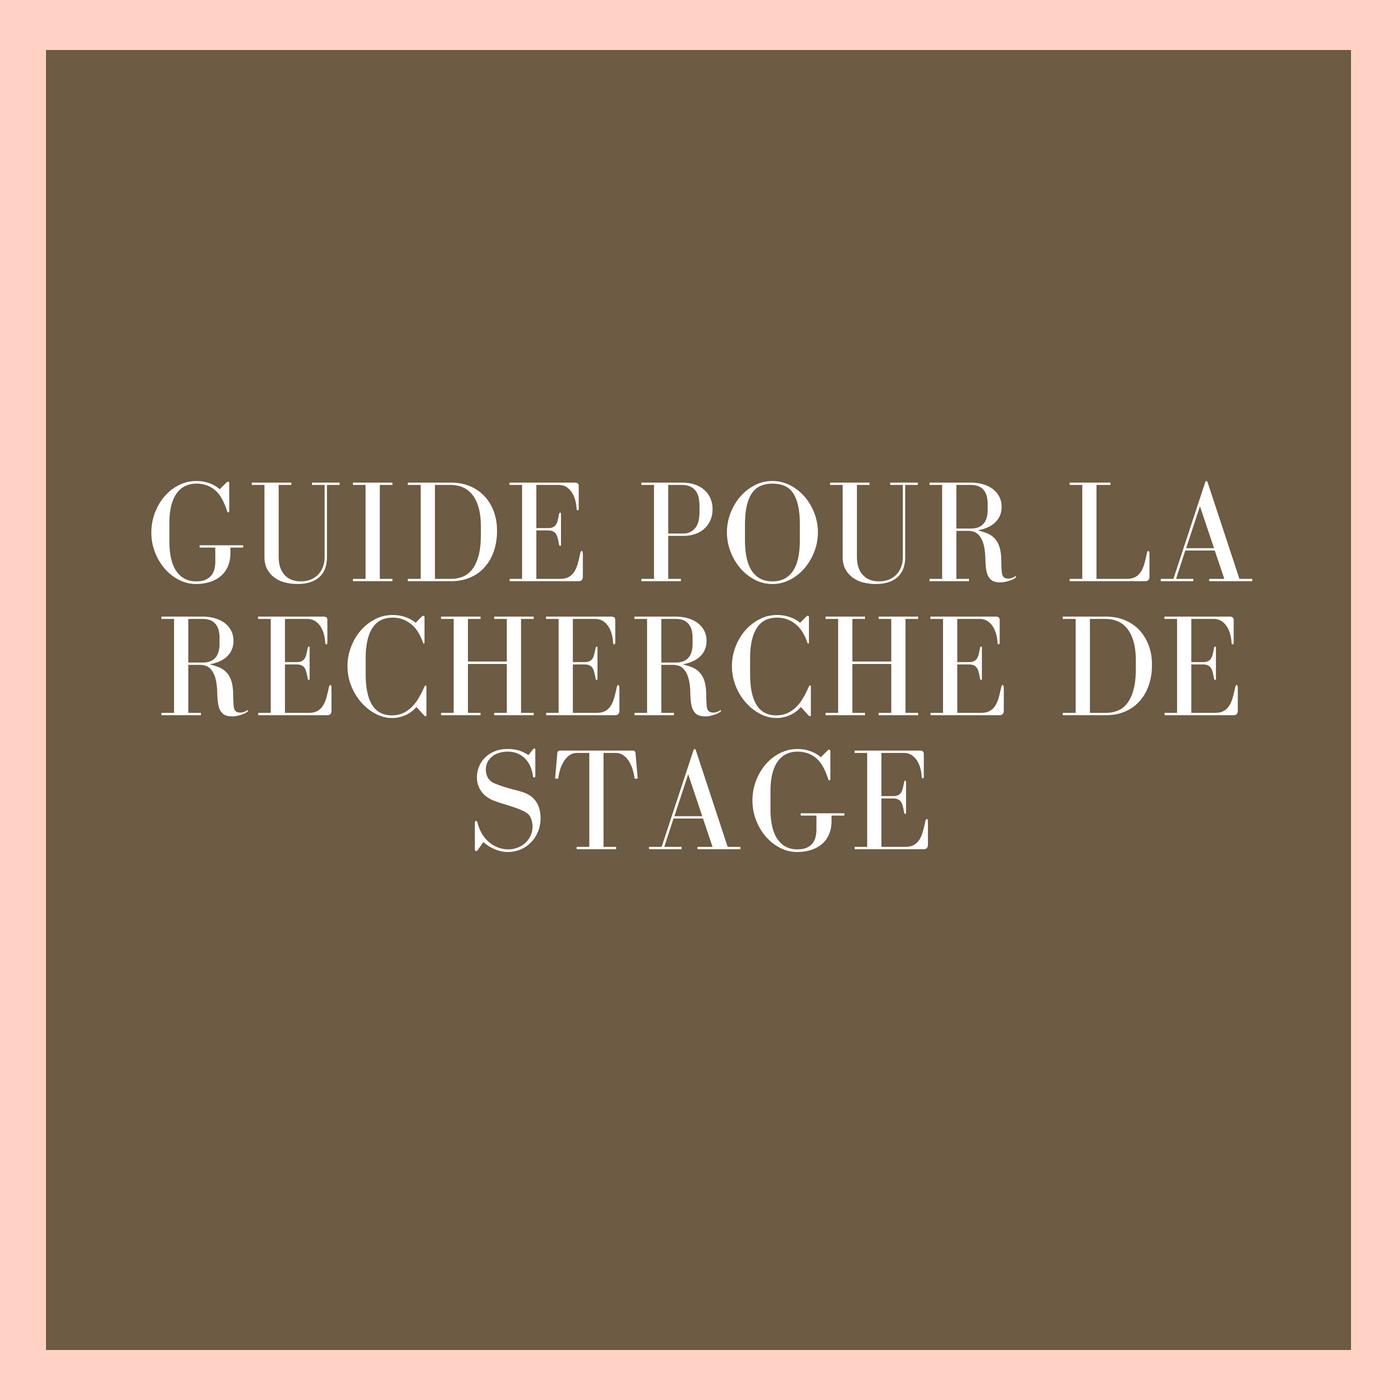 Guide pour la recherche de stage